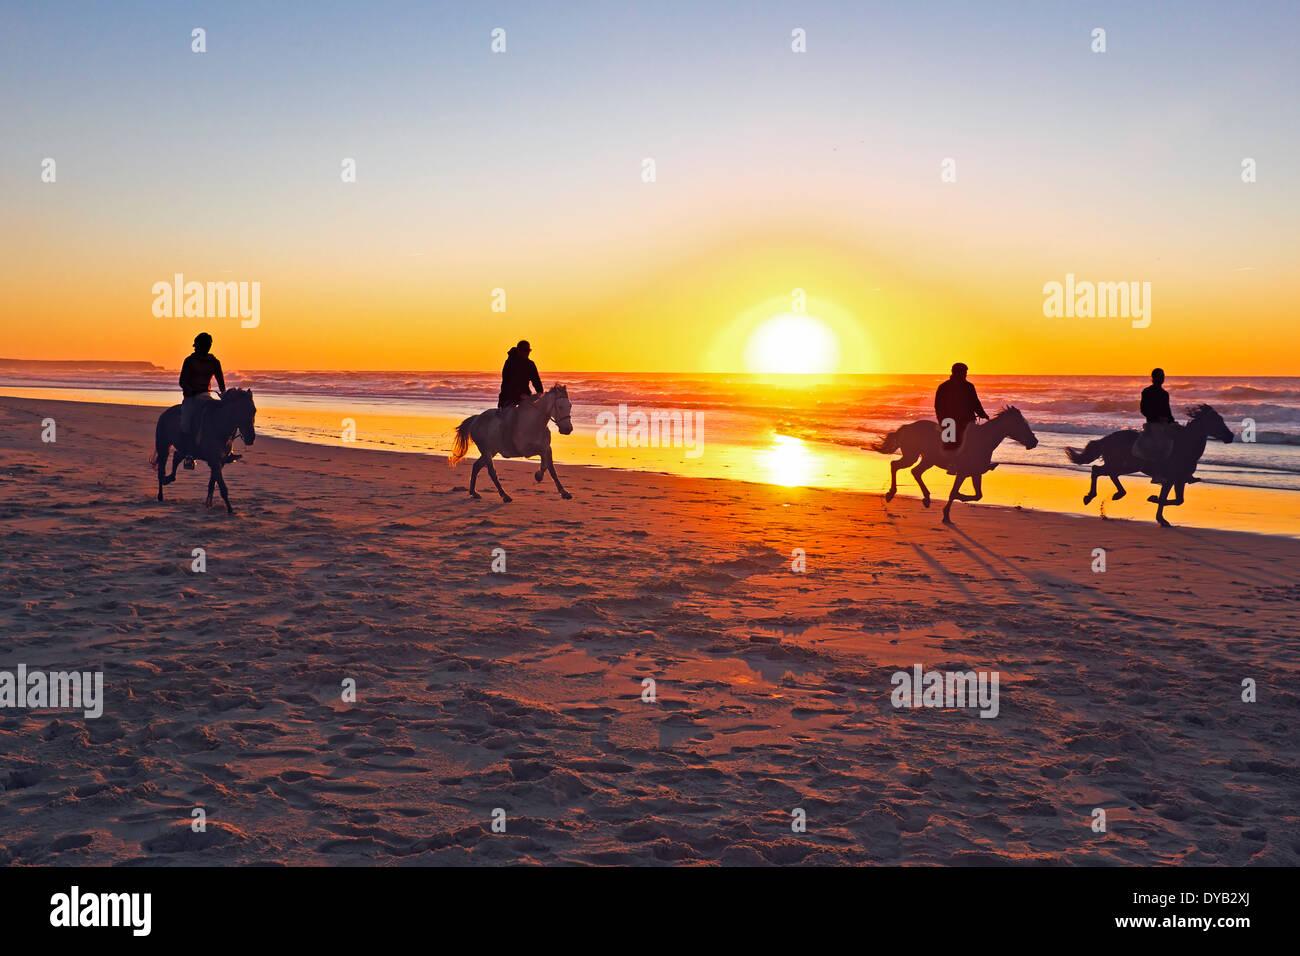 Reiten am Strand bei Sonnenuntergang Stockbild